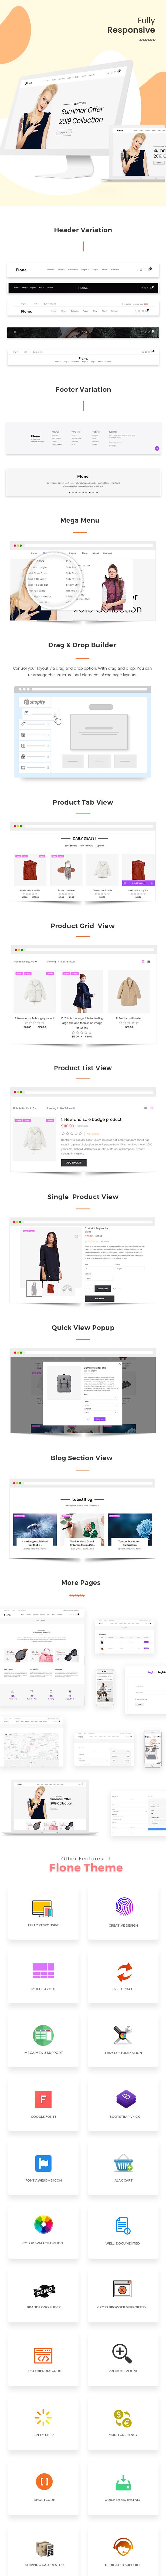 Flone - Minimal Shopify Theme - 4